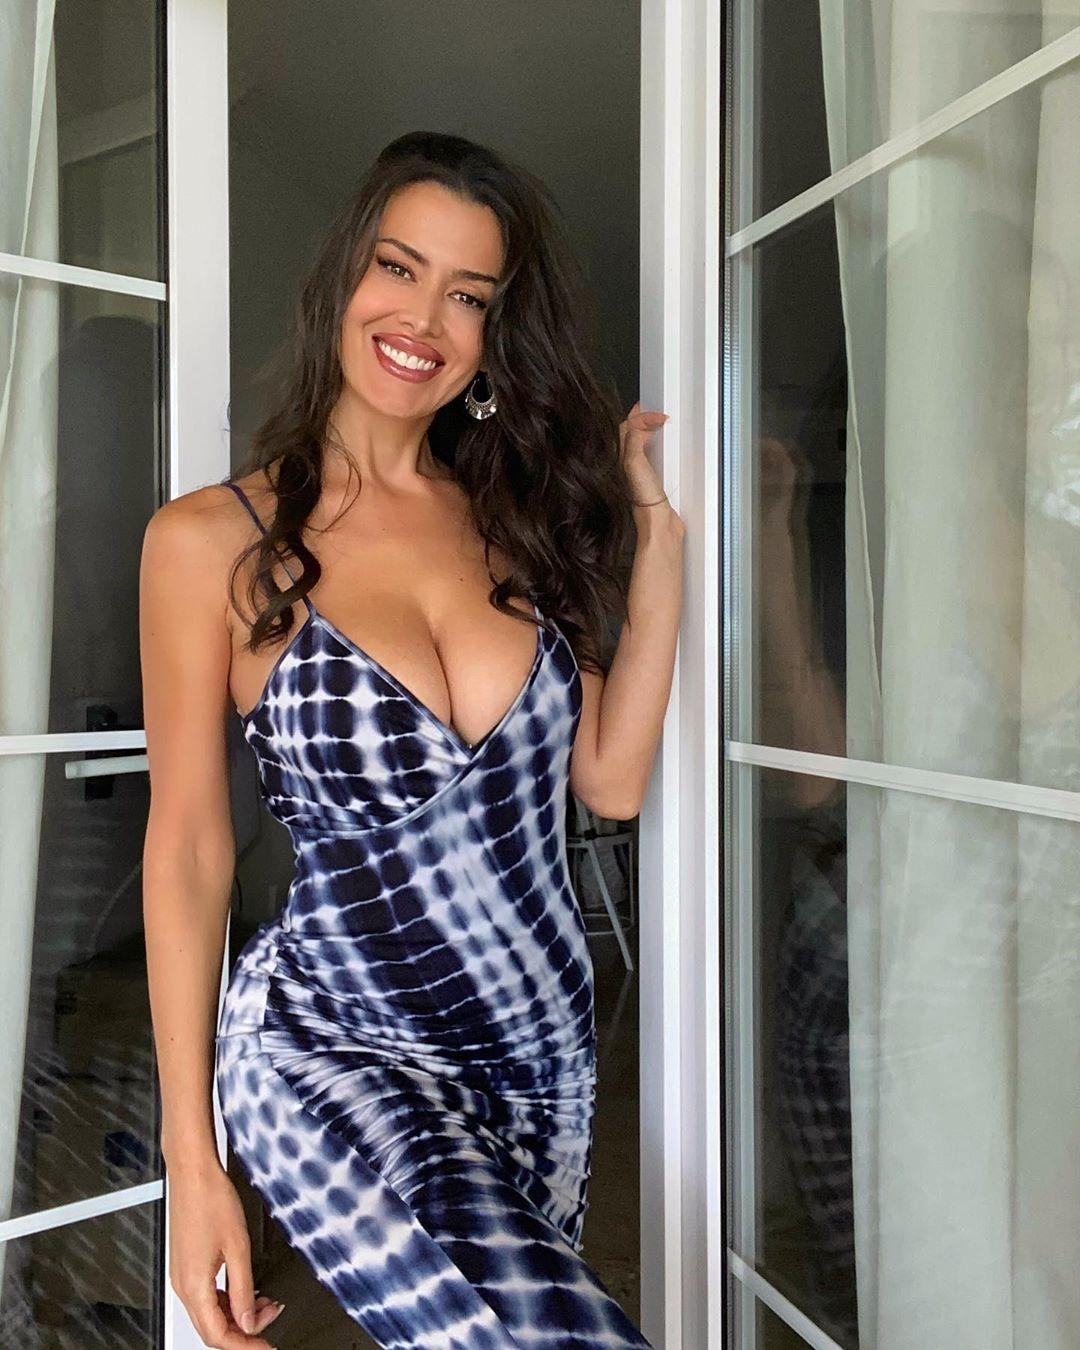 Eva Padlock 36